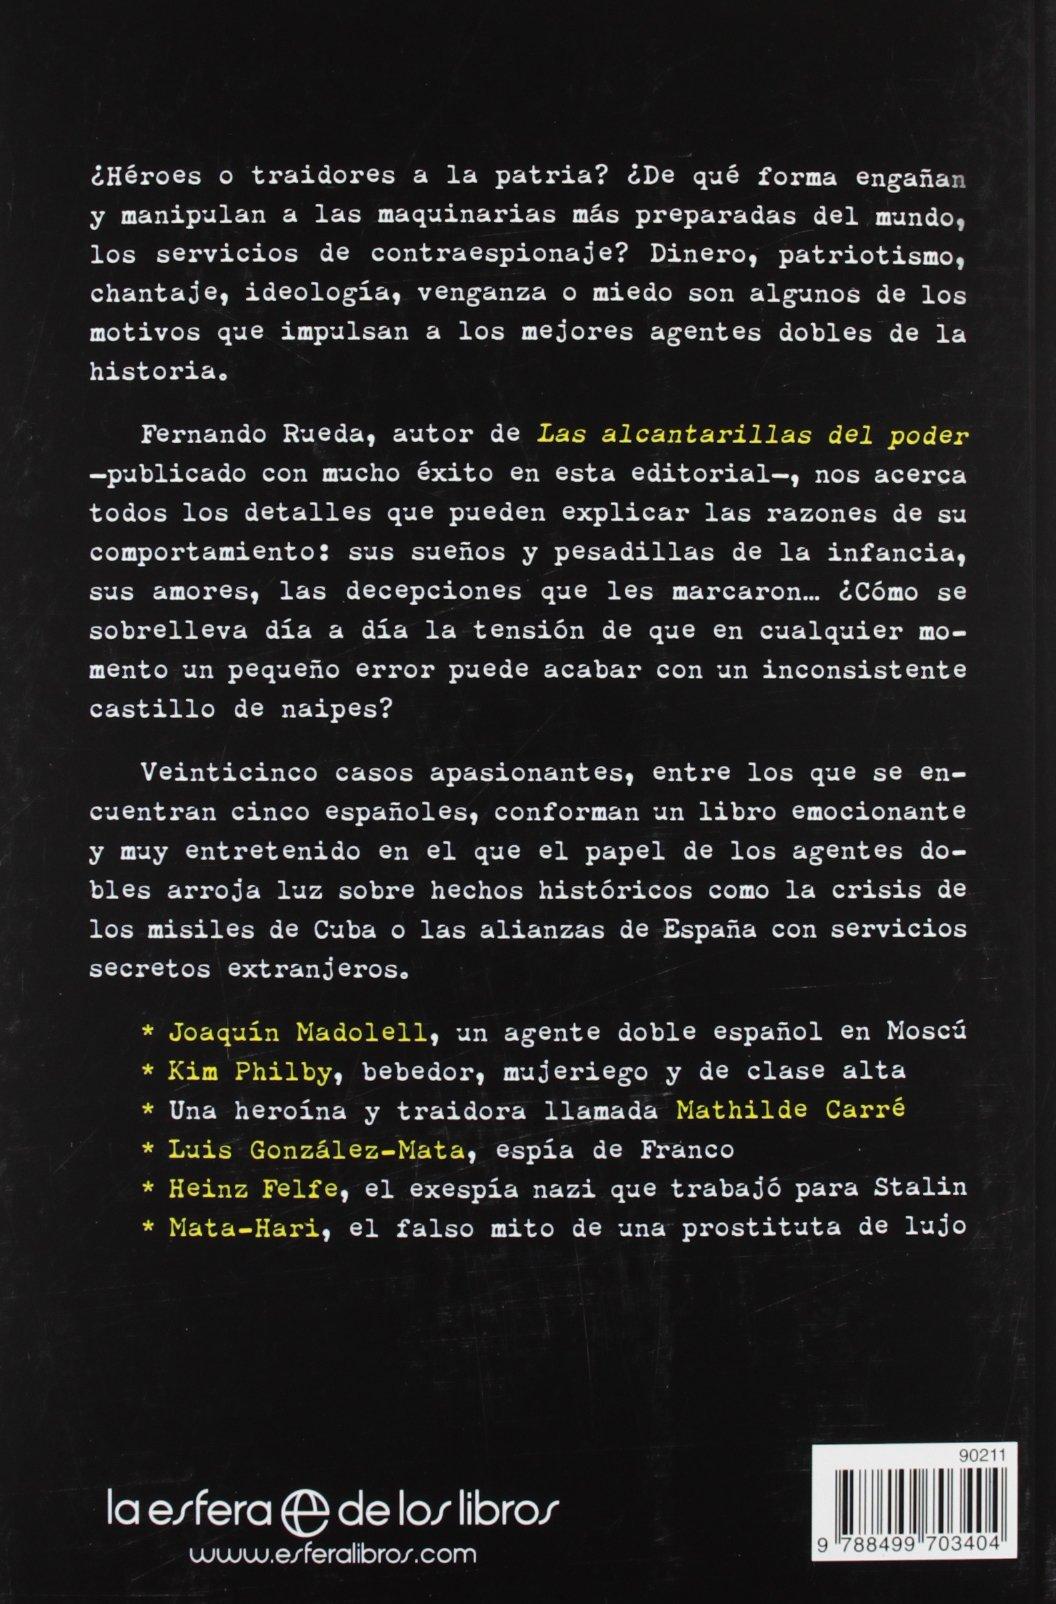 Espías y traidores: Los 25 mejores agentes dobles de la historia Fuera de colección: Amazon.es: Rueda Rieu, Fernando: Libros